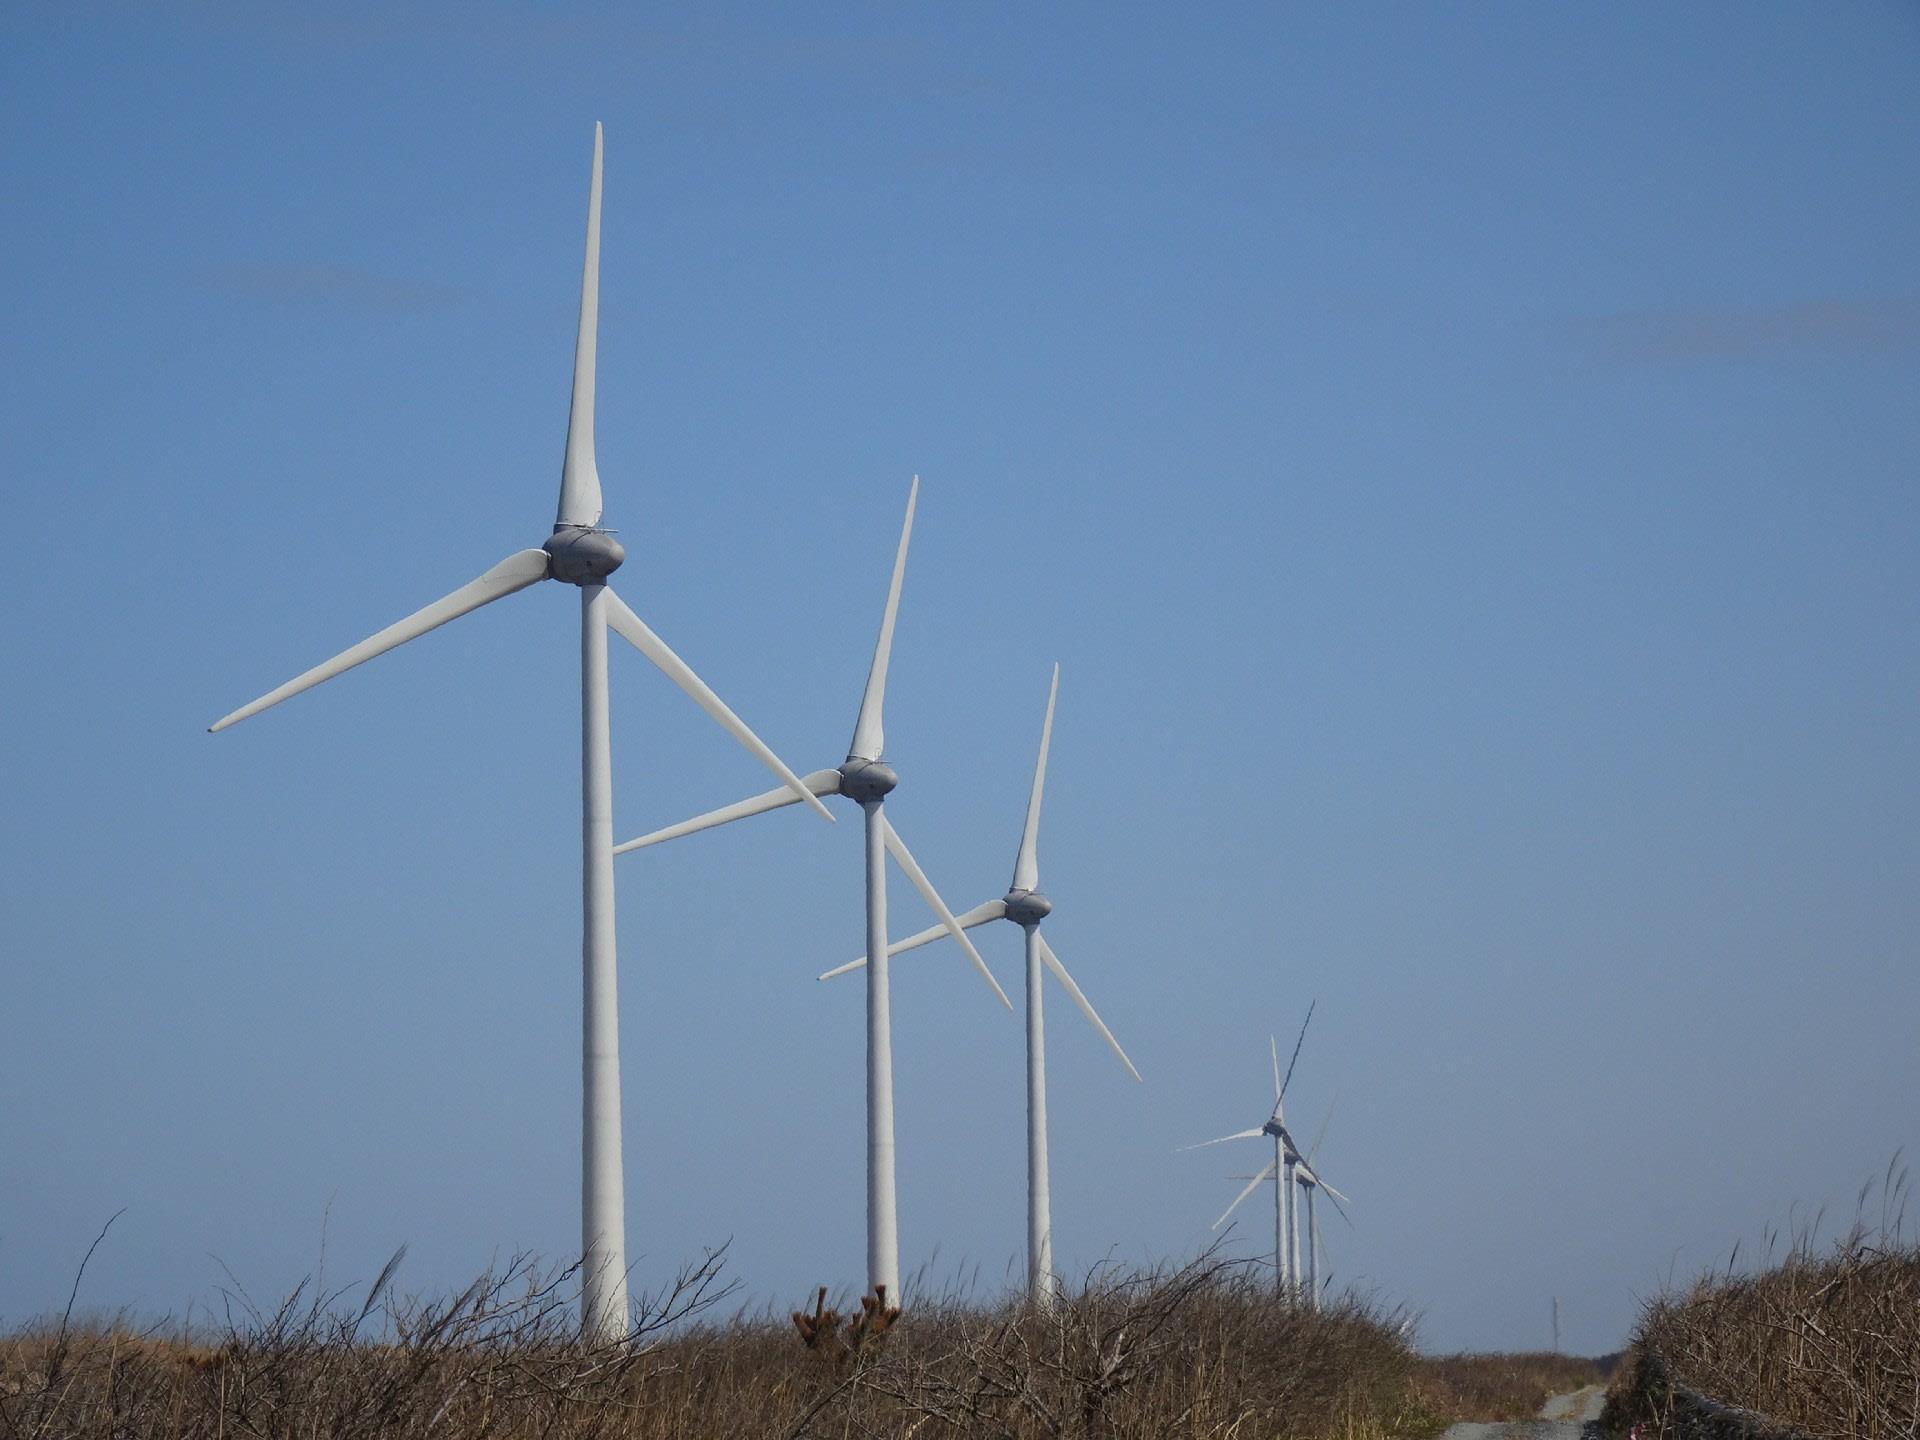 県・市直営風力発電6基稼働